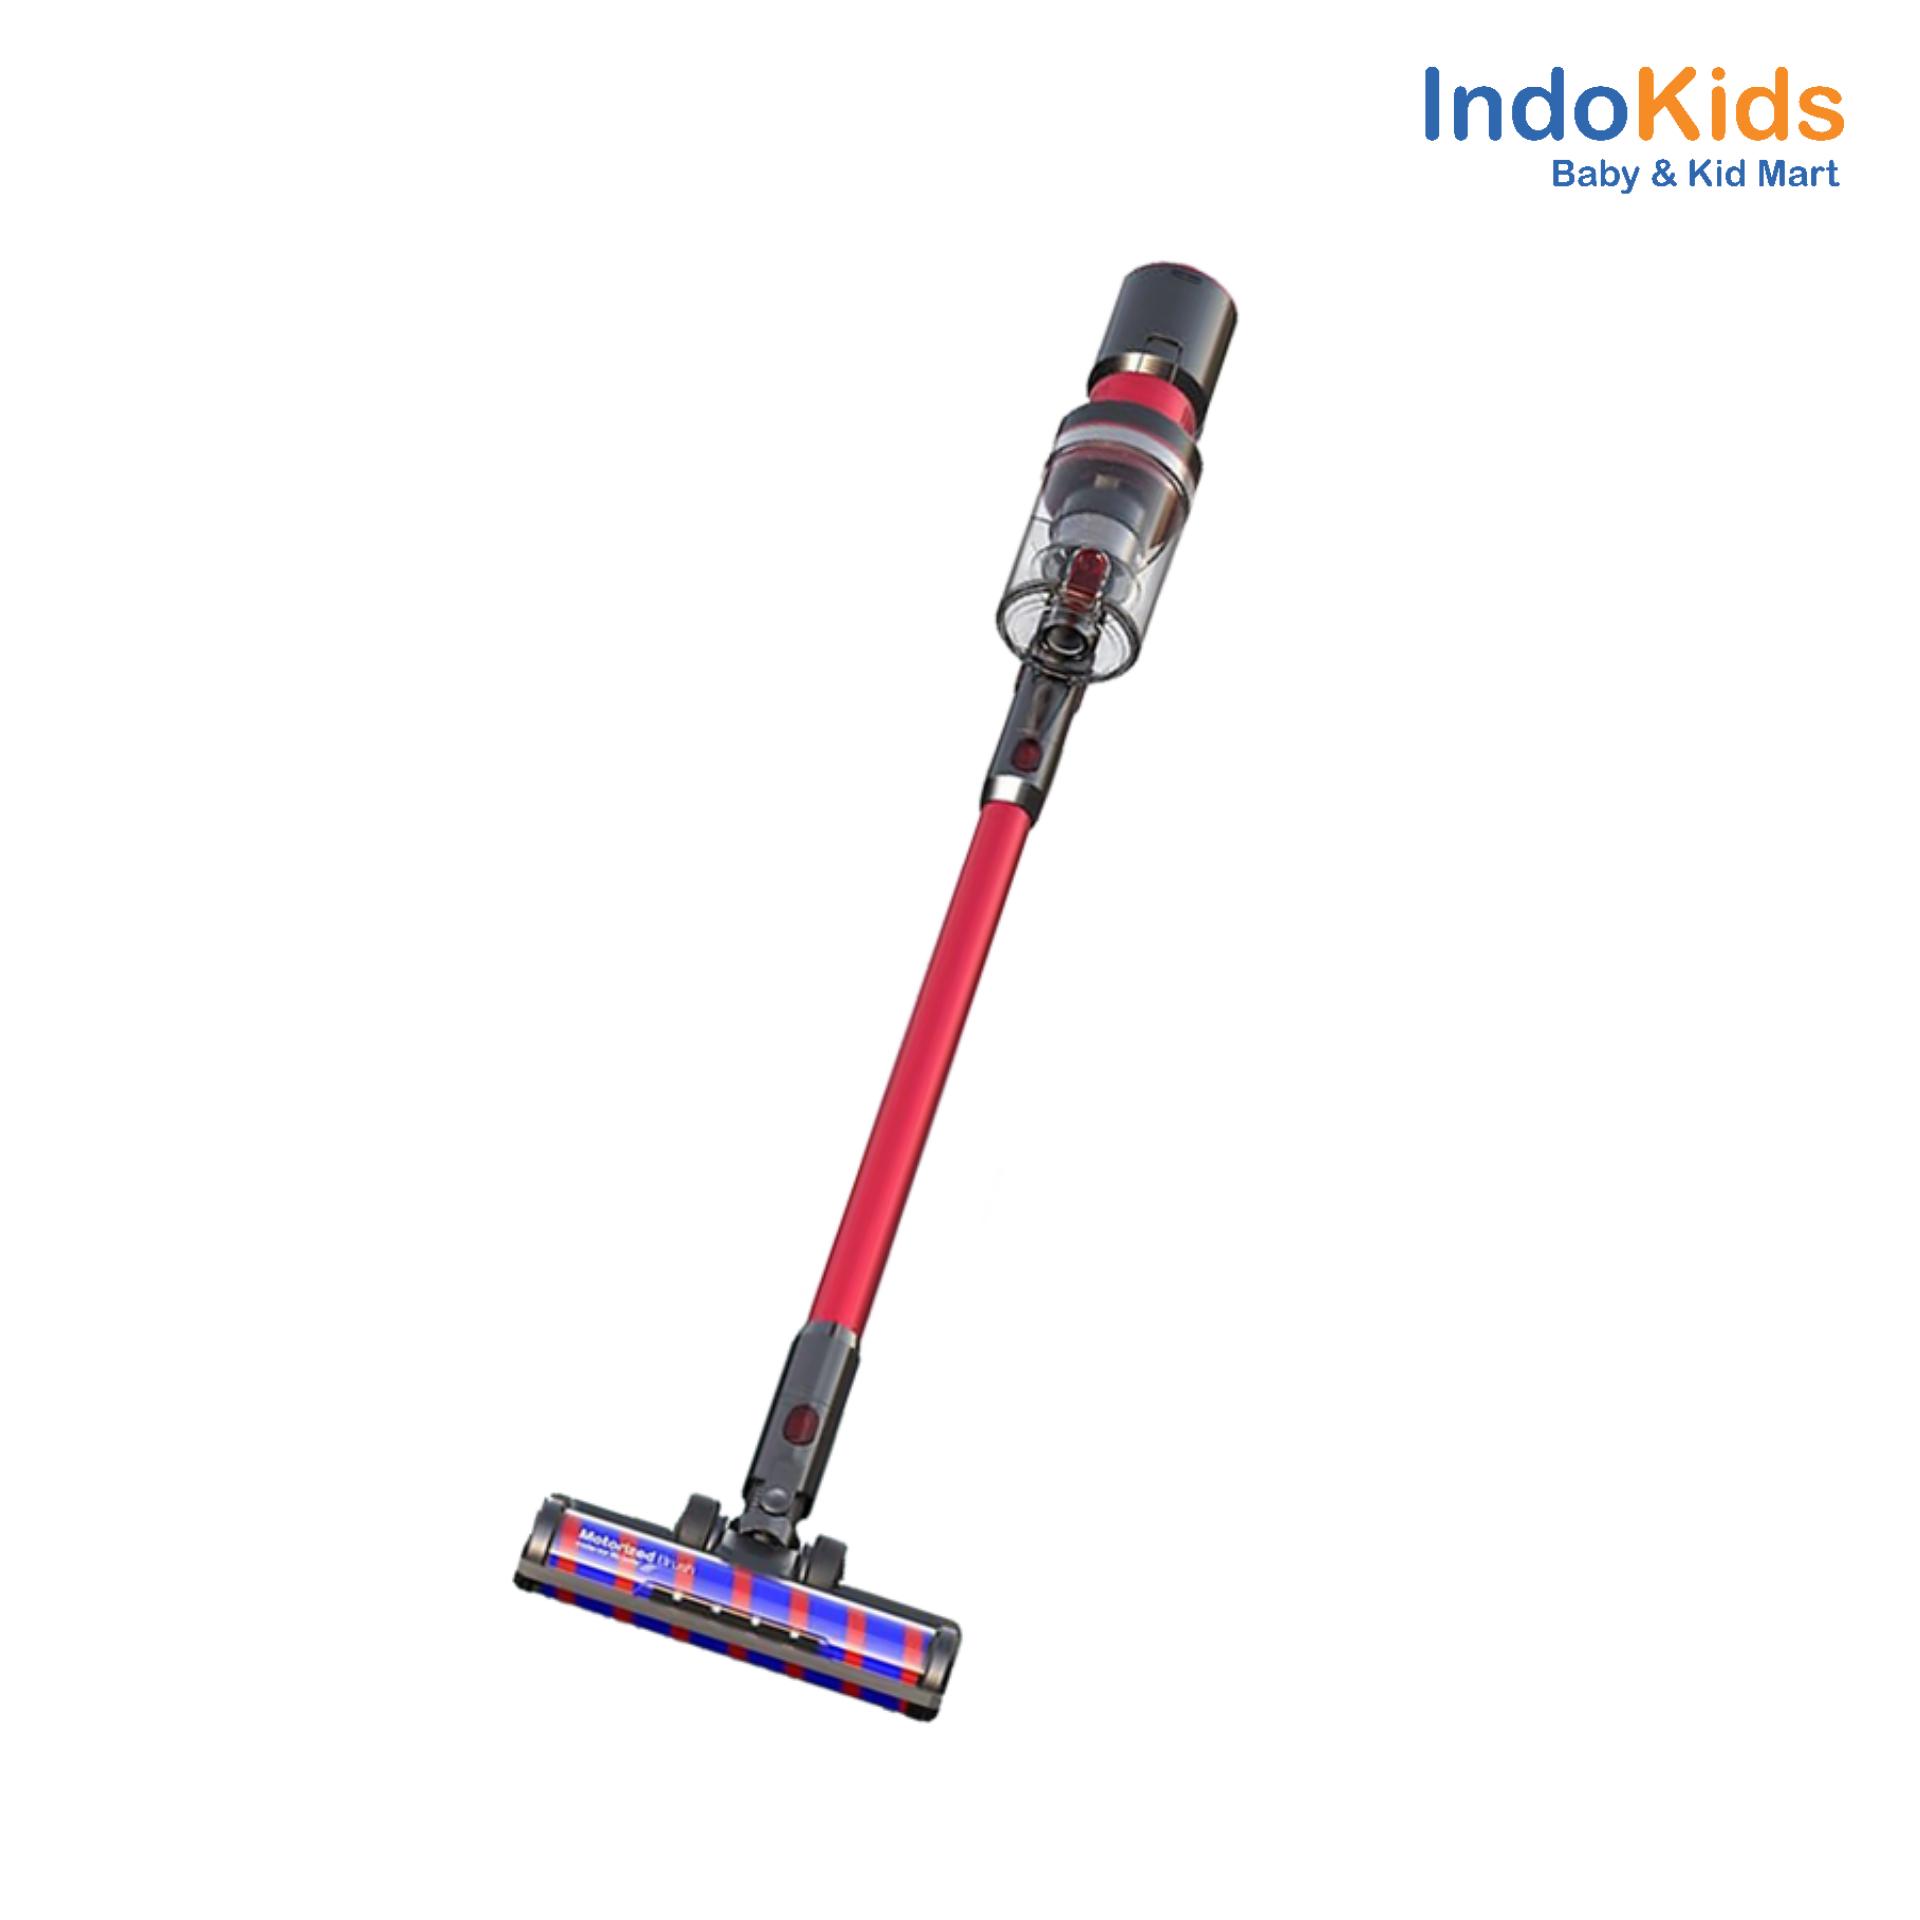 Kurumi Cordless Stick Vacuum Cleaner KV06